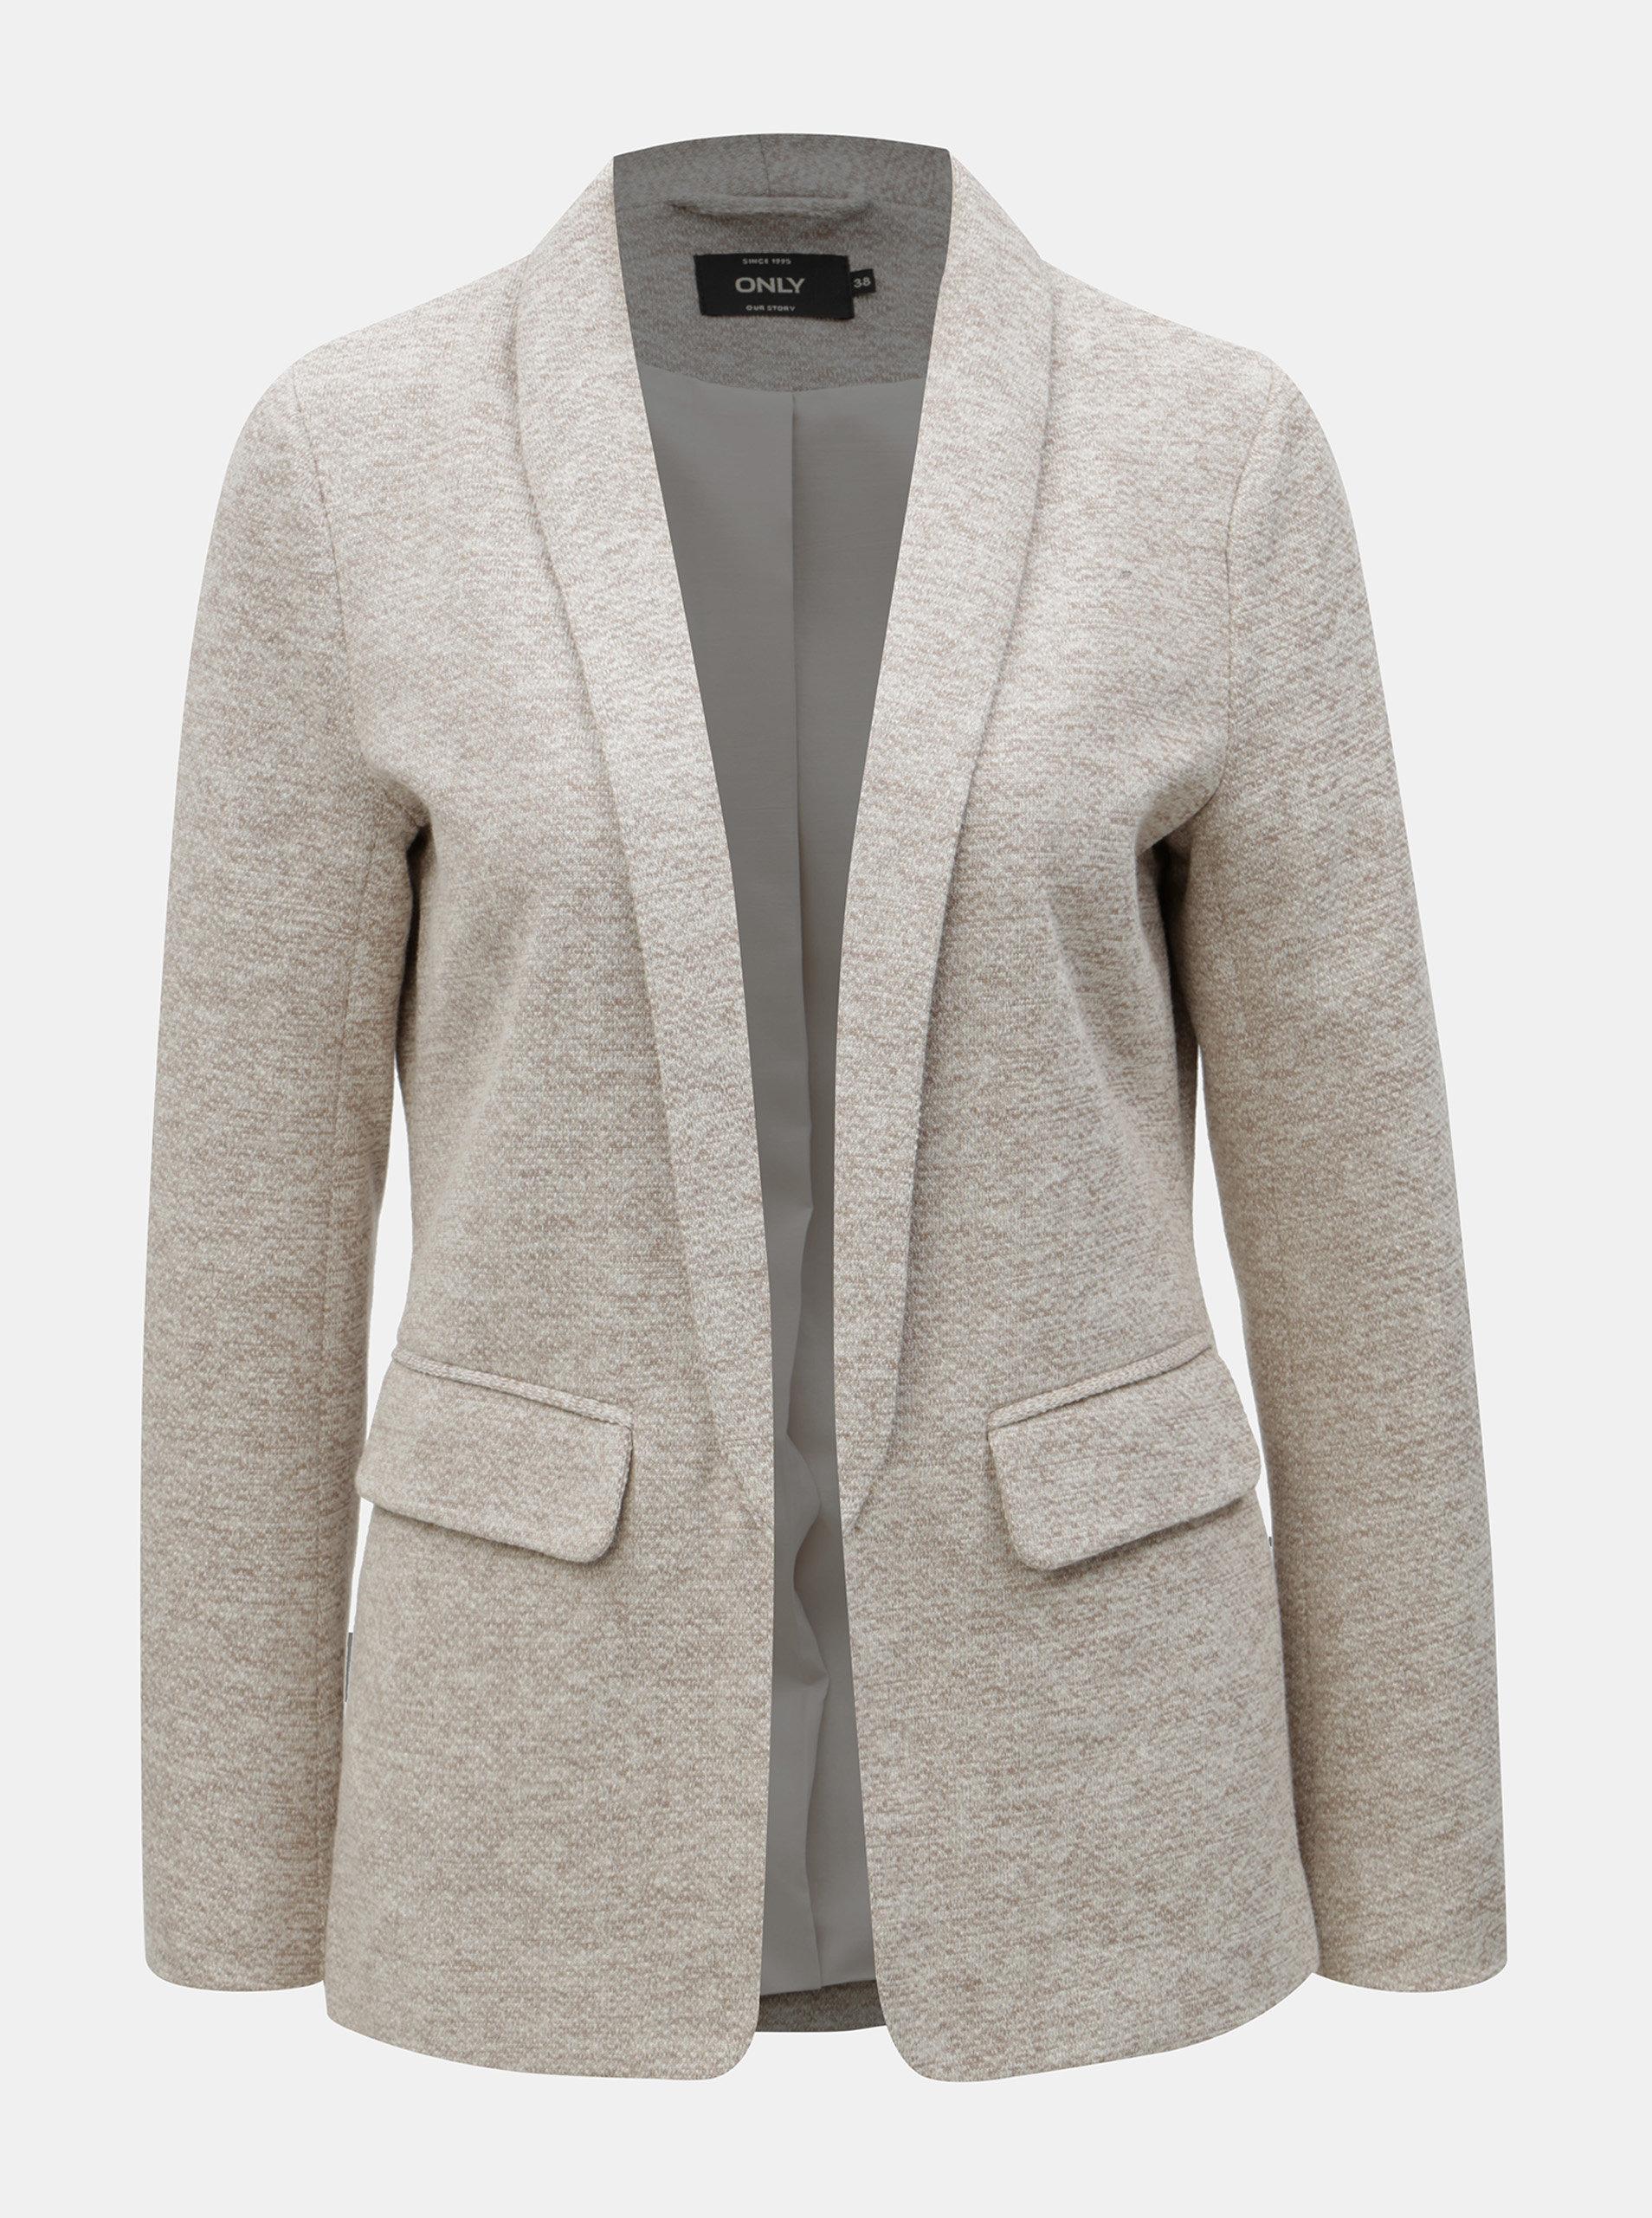 Béžové žíhané sako s kapsami ONLY